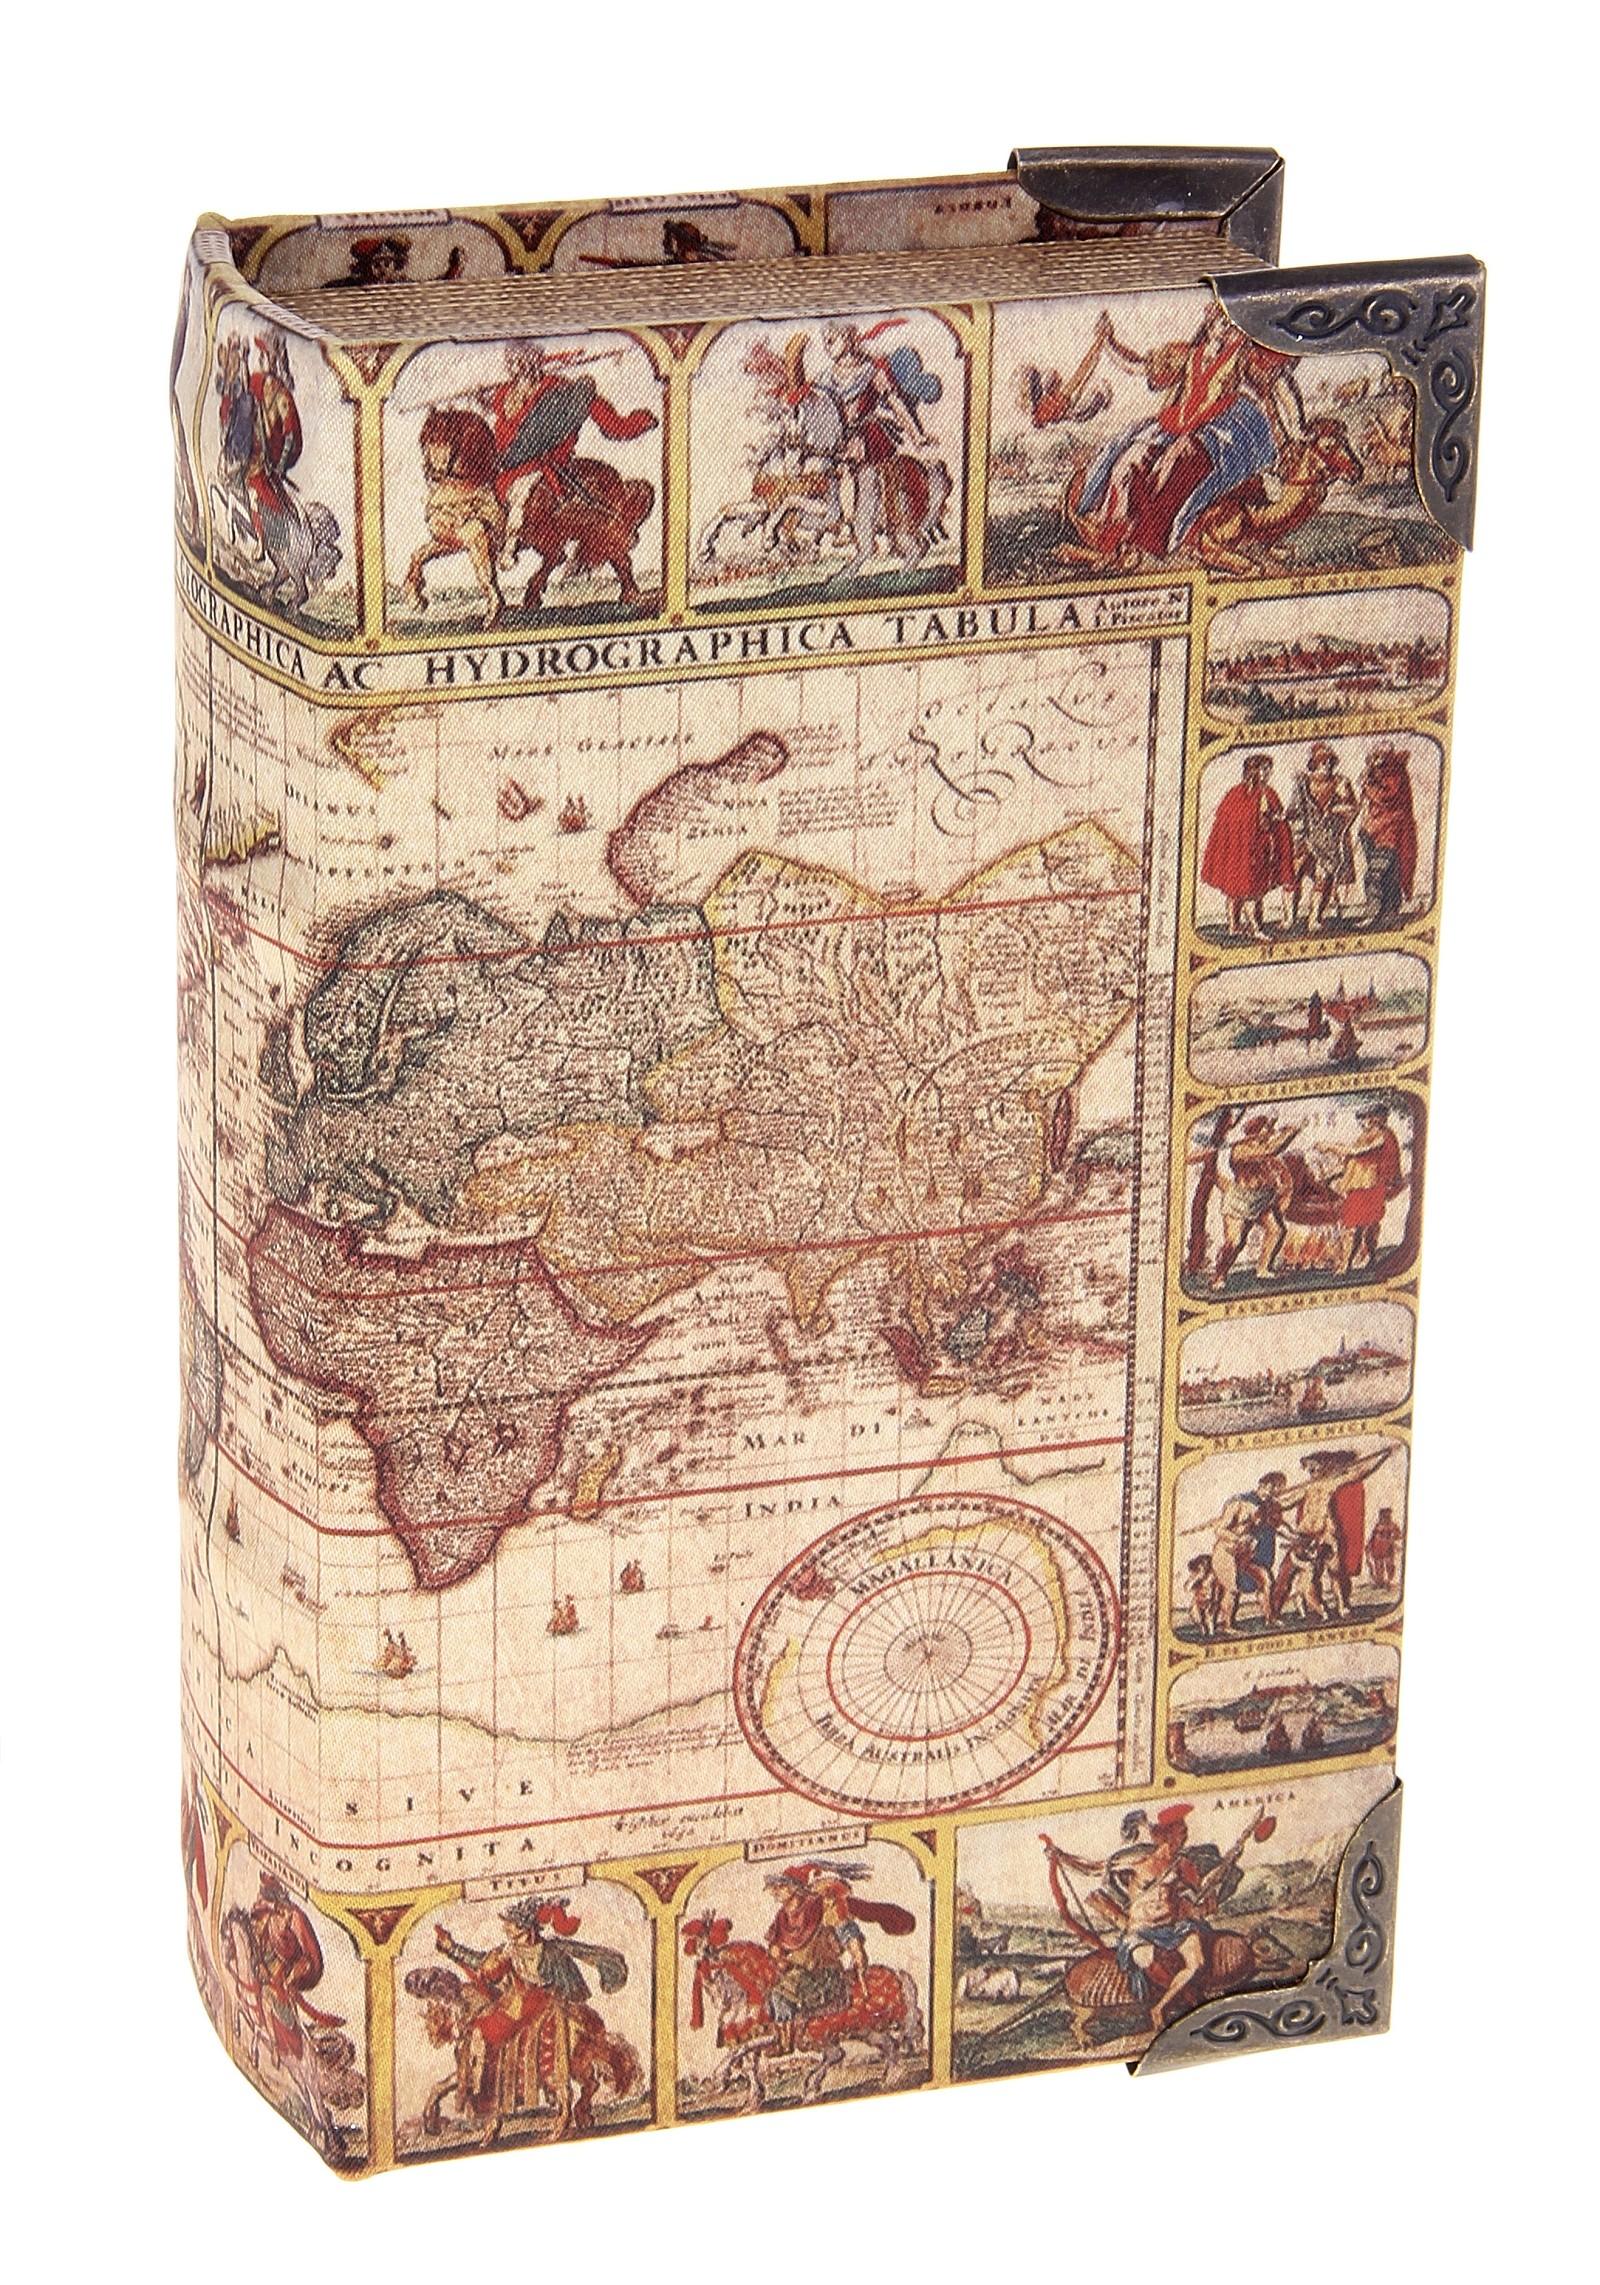 Шкатулка-книга Карта исследователя10850/1W GOLD IVORYШкатулка-книга Карта исследователя изготовлена из дерева. Оригинальное оформление шкатулки, несомненно, привлечет внимание. Шкатулка изготовлена в виде книги, поверхность которой выполнена из шёлка и оформлена изображением старинной карты мира. Такая шкатулка может использоваться для хранения бижутерии, в качестве украшения интерьера, а также послужит хорошим подарком для человека, ценящего практичные и оригинальные вещицы. Характеристики:Материал: дерево, шёлк, металл, кожзам. Цвет: коричневый. Размер шкатулки (в закрытом виде): 17 см х 11 см х 5 см. Размер упаковки: 18 см х 12 см х 5,5 см. Артикул: 680635.